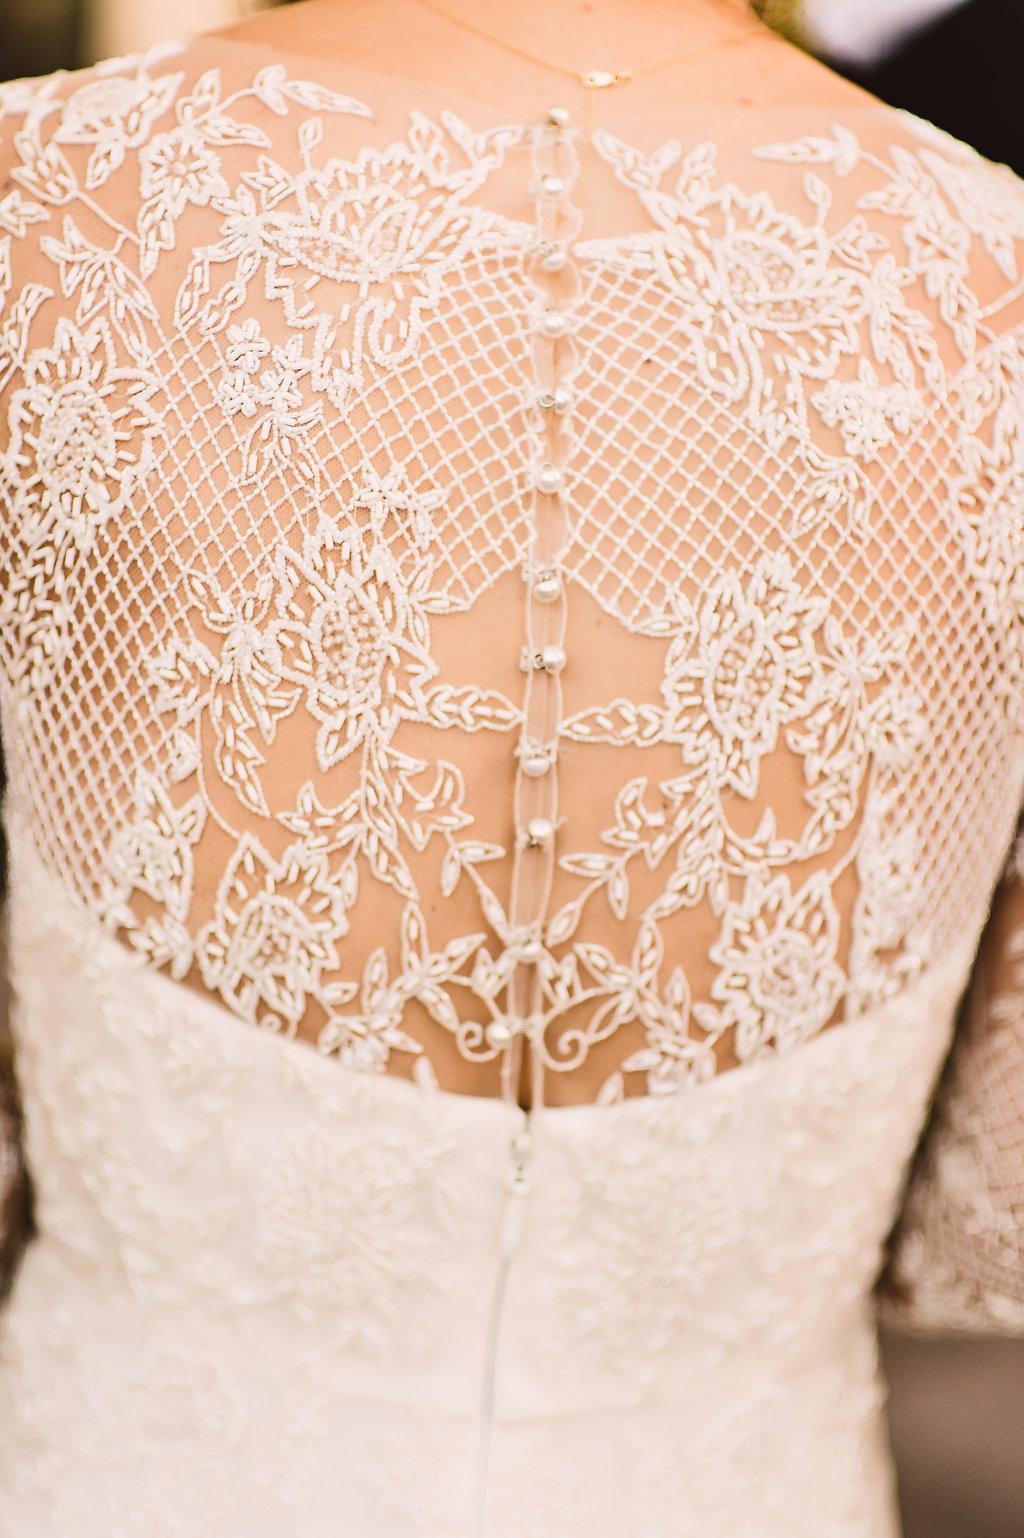 Lace Beaded Details Of Monique Lhuillier Bridal Gown